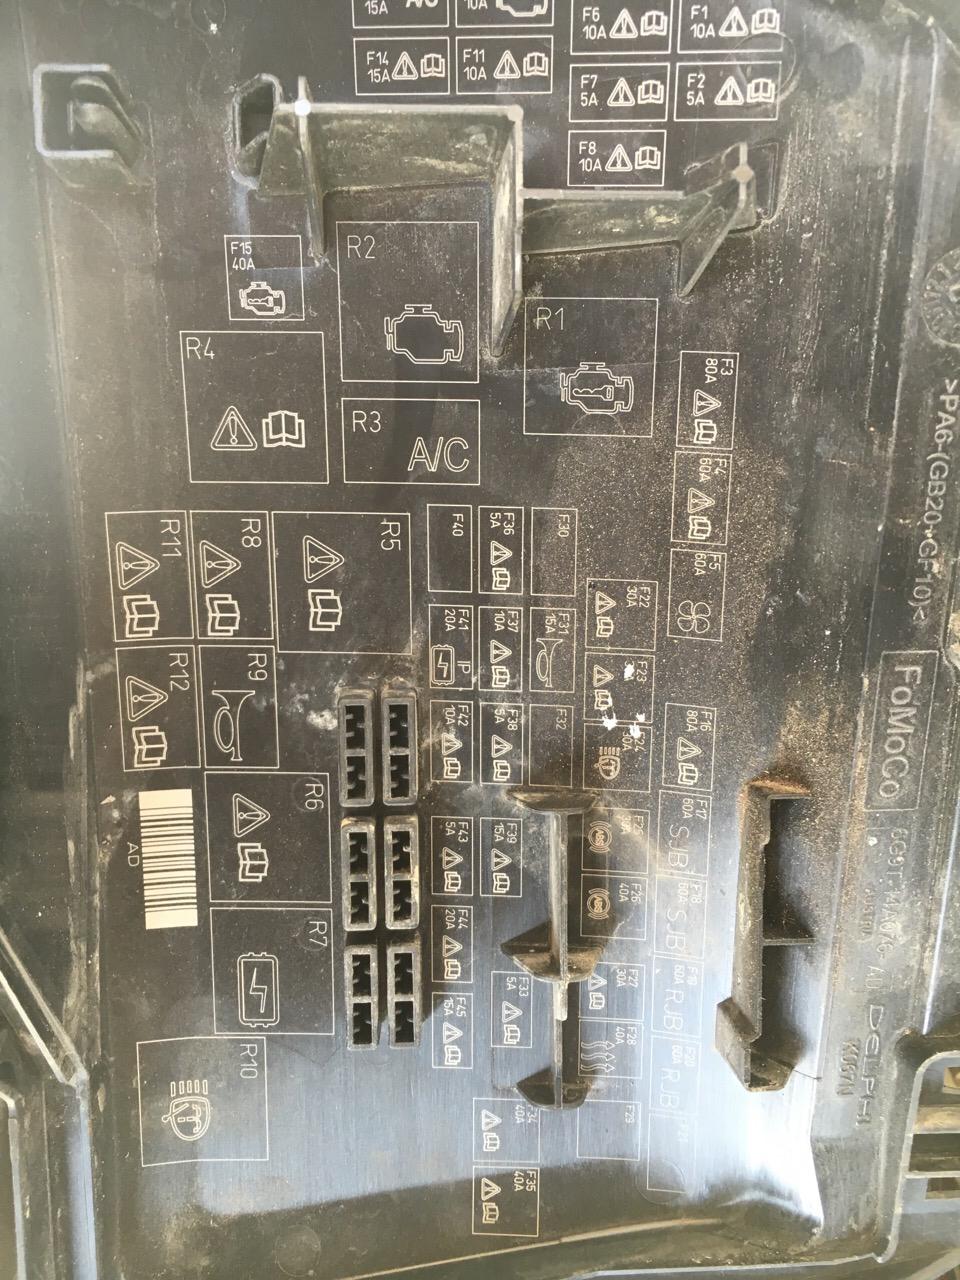 蒙迪欧.致胜08款.发动机舱里面的保险丝盒里面的继电器都是什么.